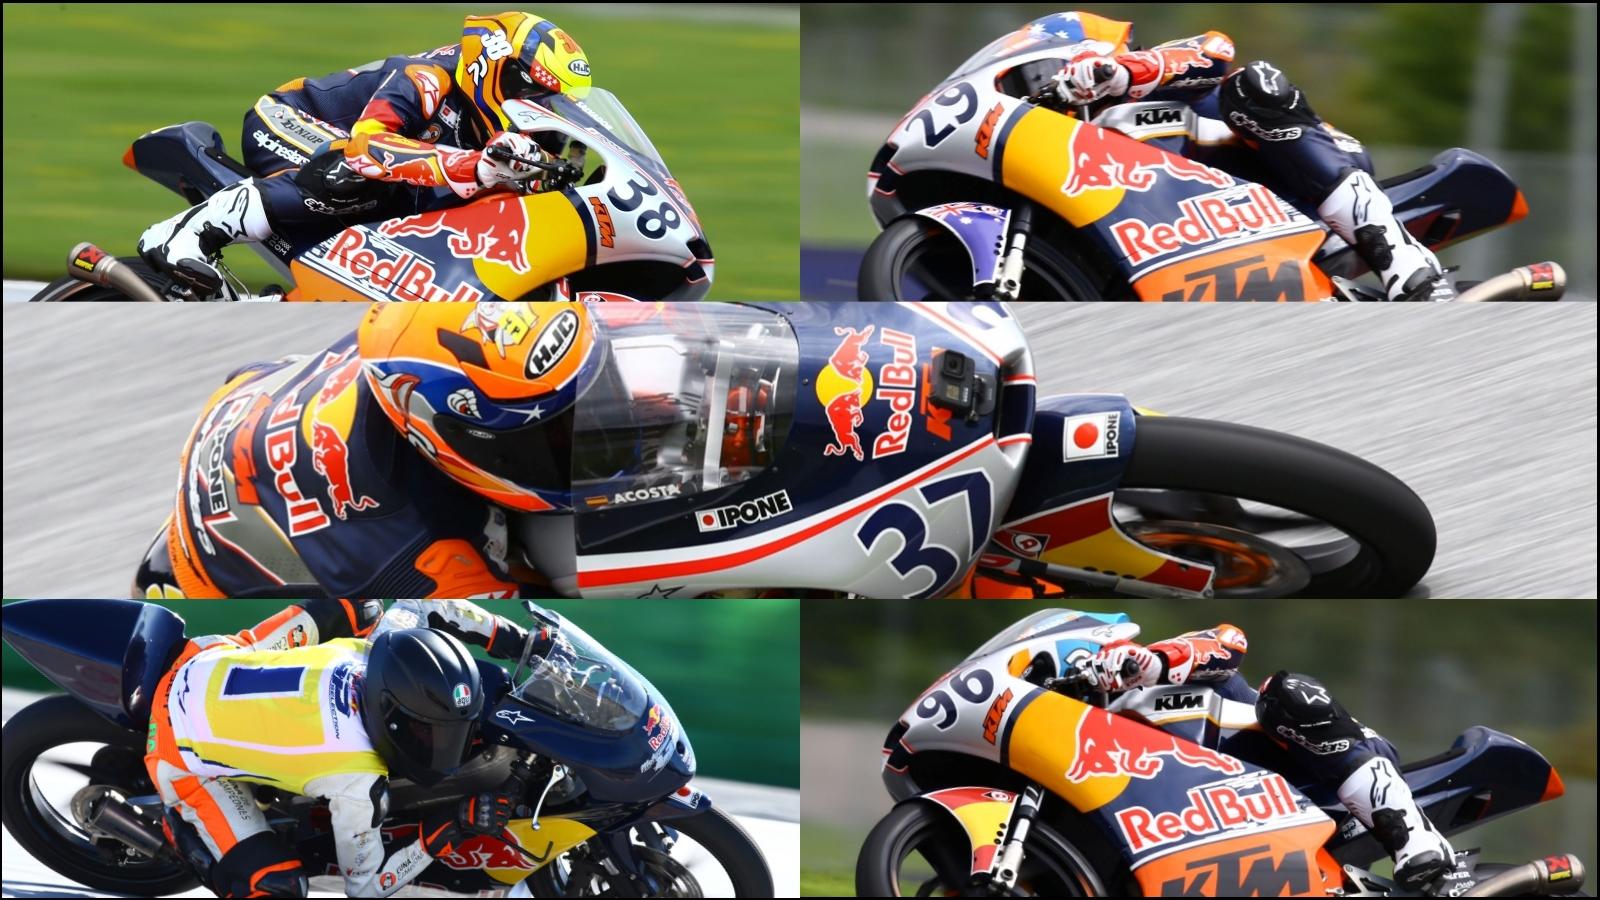 MotoGP Rookies Cup 2020: pilotos, calendario, 10 españoles y cinco favoritos